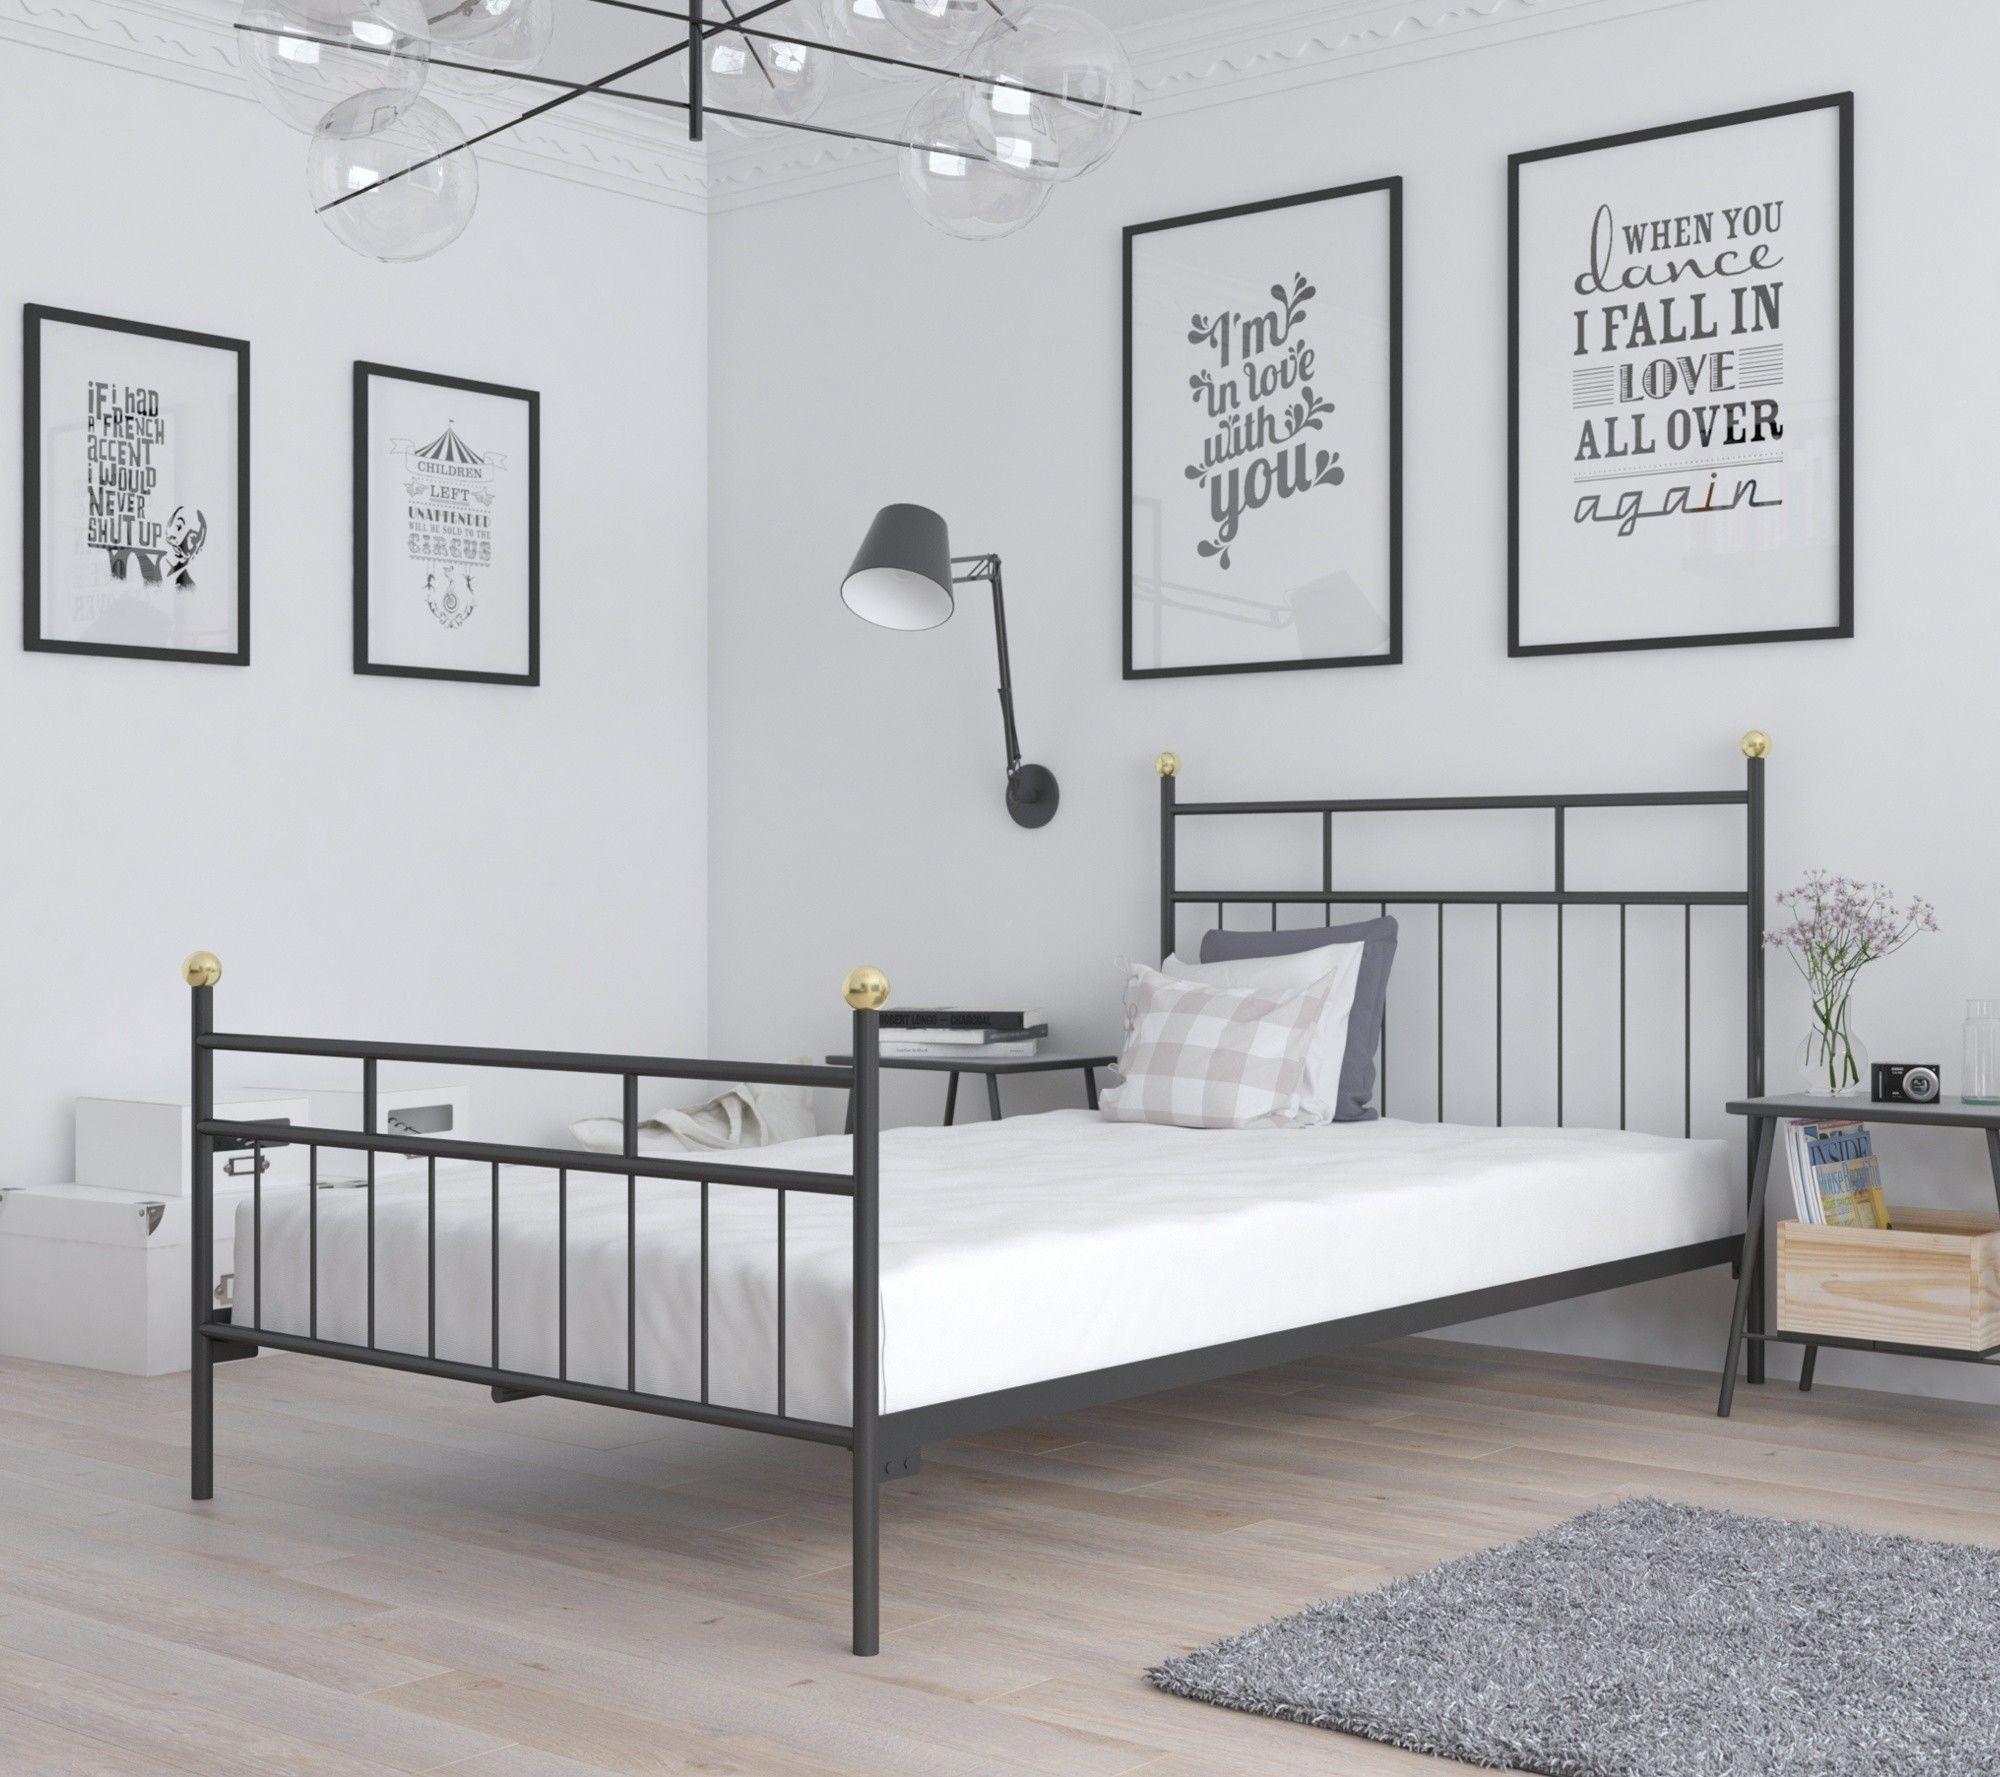 Łóżko metalowe sypialniane 90x190 wzór 27 ze stelażem